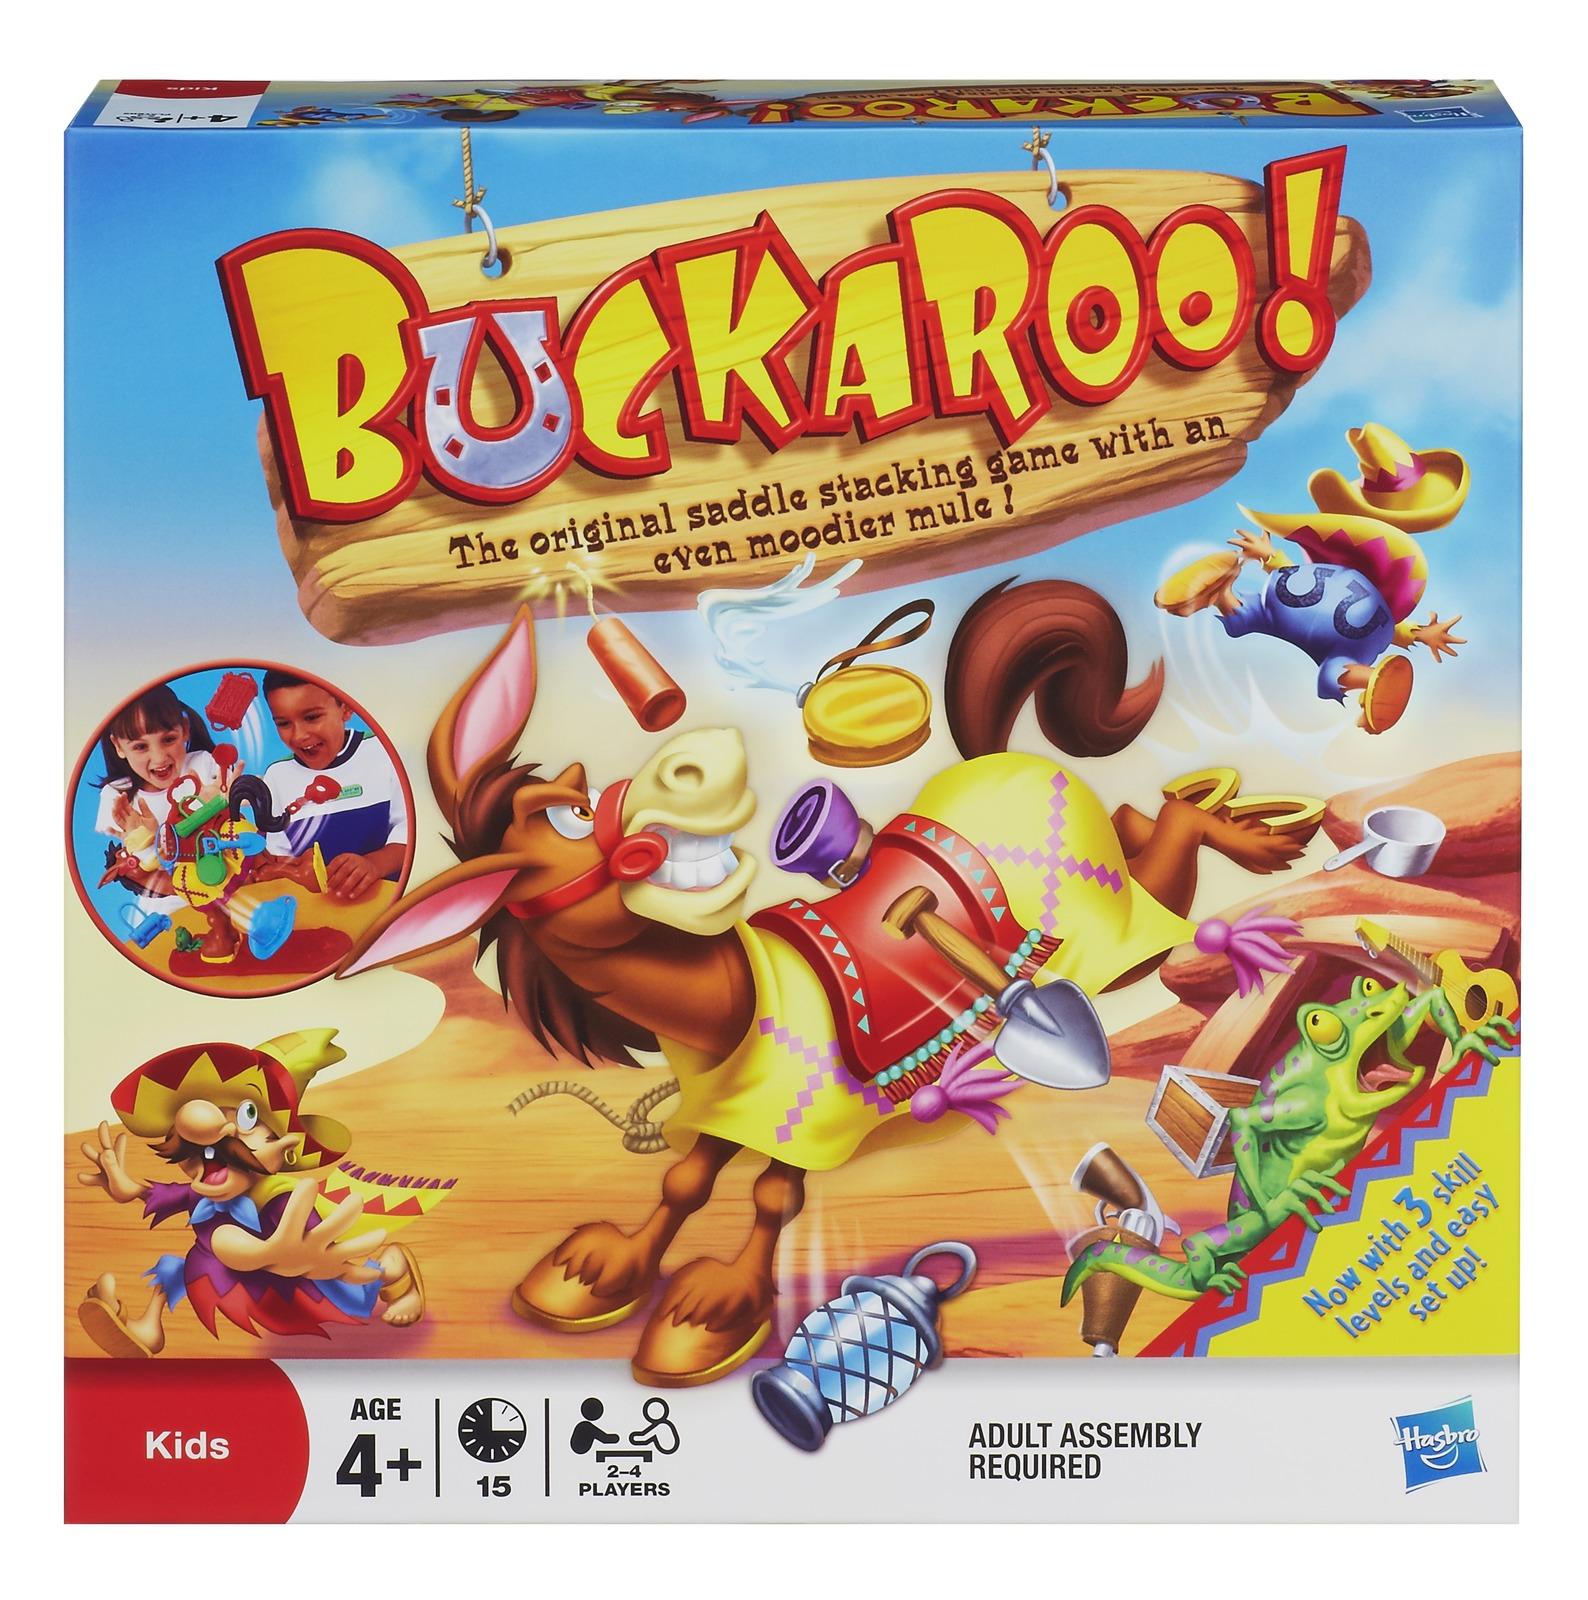 Buckaroo image